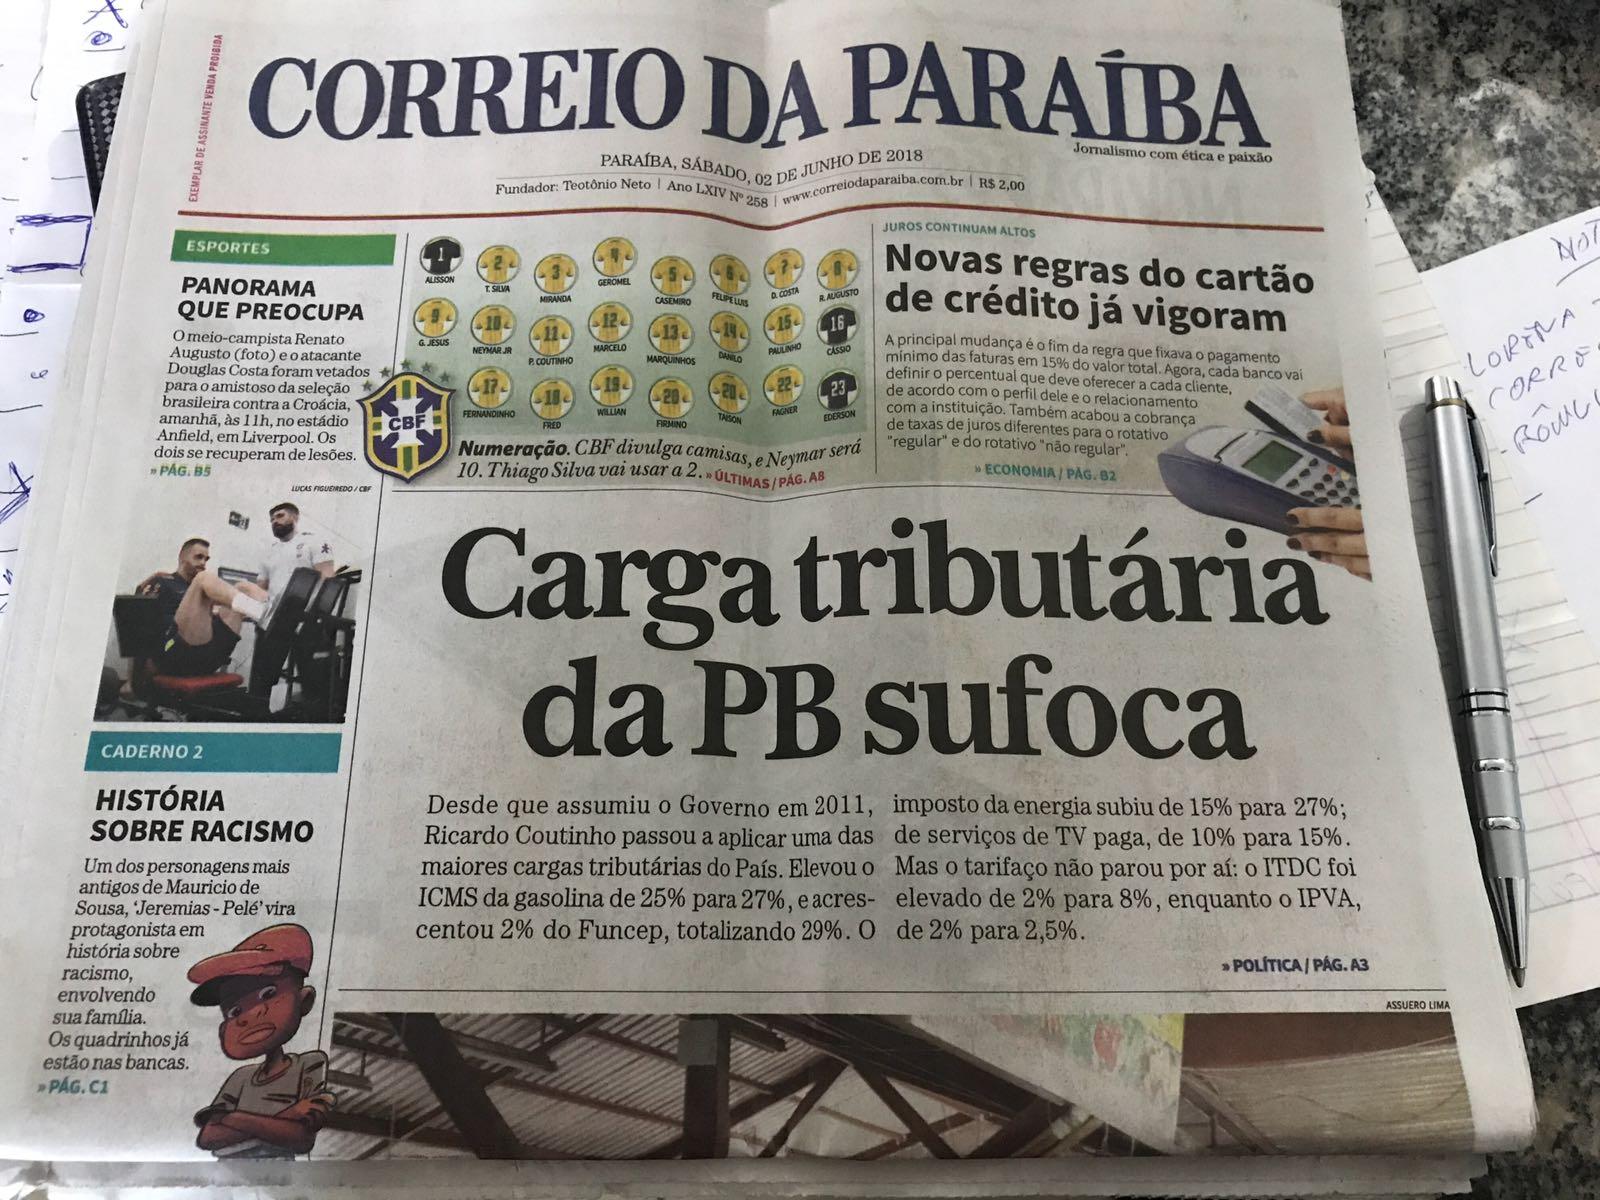 WhatsApp Image 2018 06 07 at 07.40.53 - ROBERTO JÁ ESCOLHEU UM LADO: Sistema Correio abre as 'baterias' contra o Governo Ricardo Coutinho